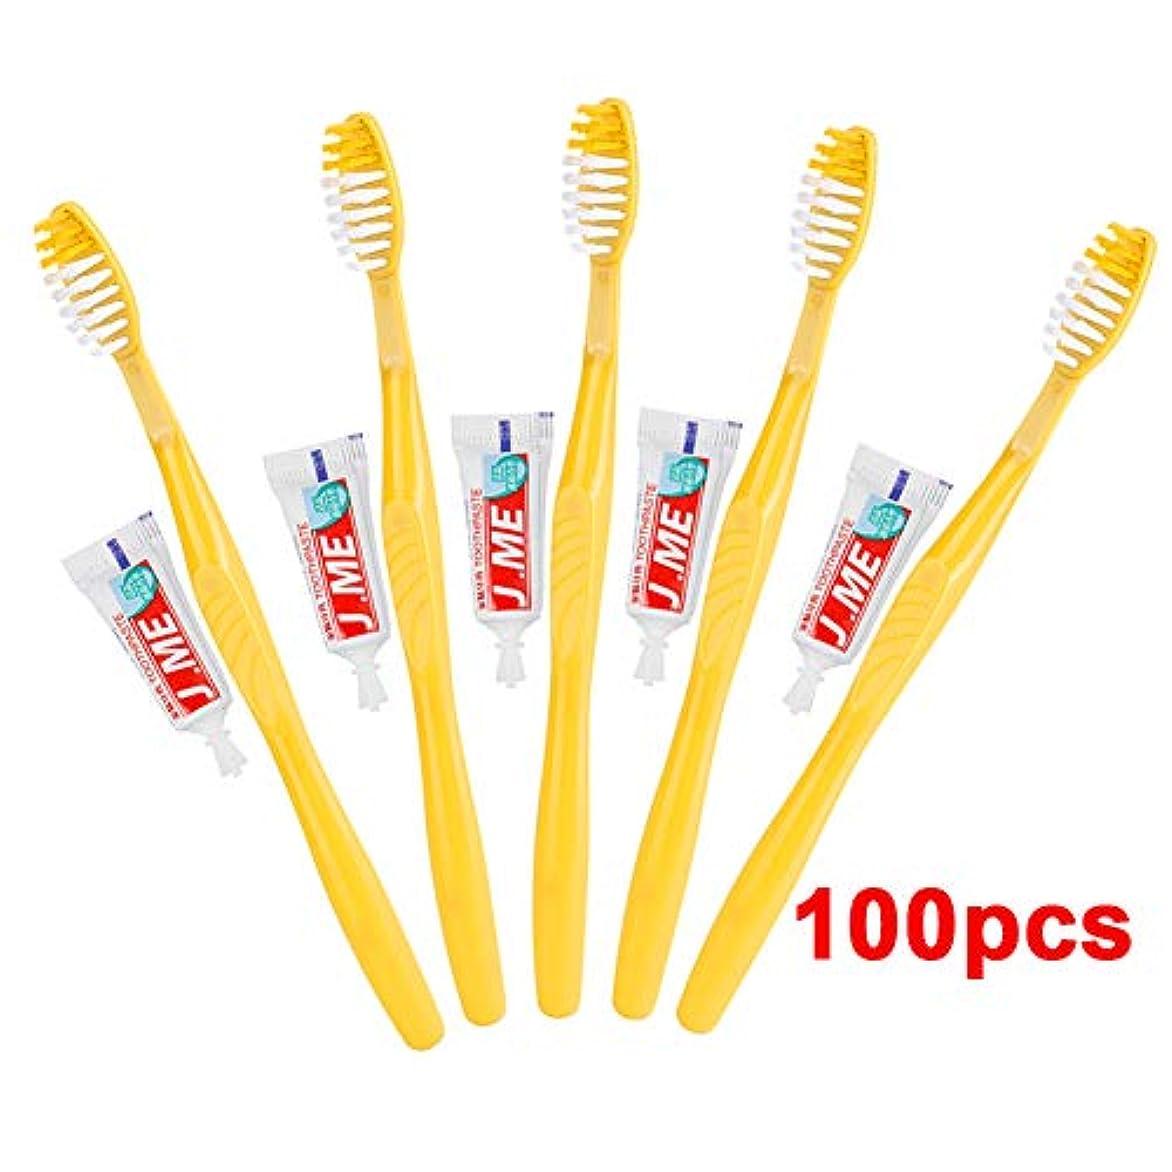 ご予約宣言認知Doo 超安い 100本入り 業務用使い捨て歯ブラシセット ハミガキ粉付き 使い捨て歯ブラシ ビジネス ホテル 工業用